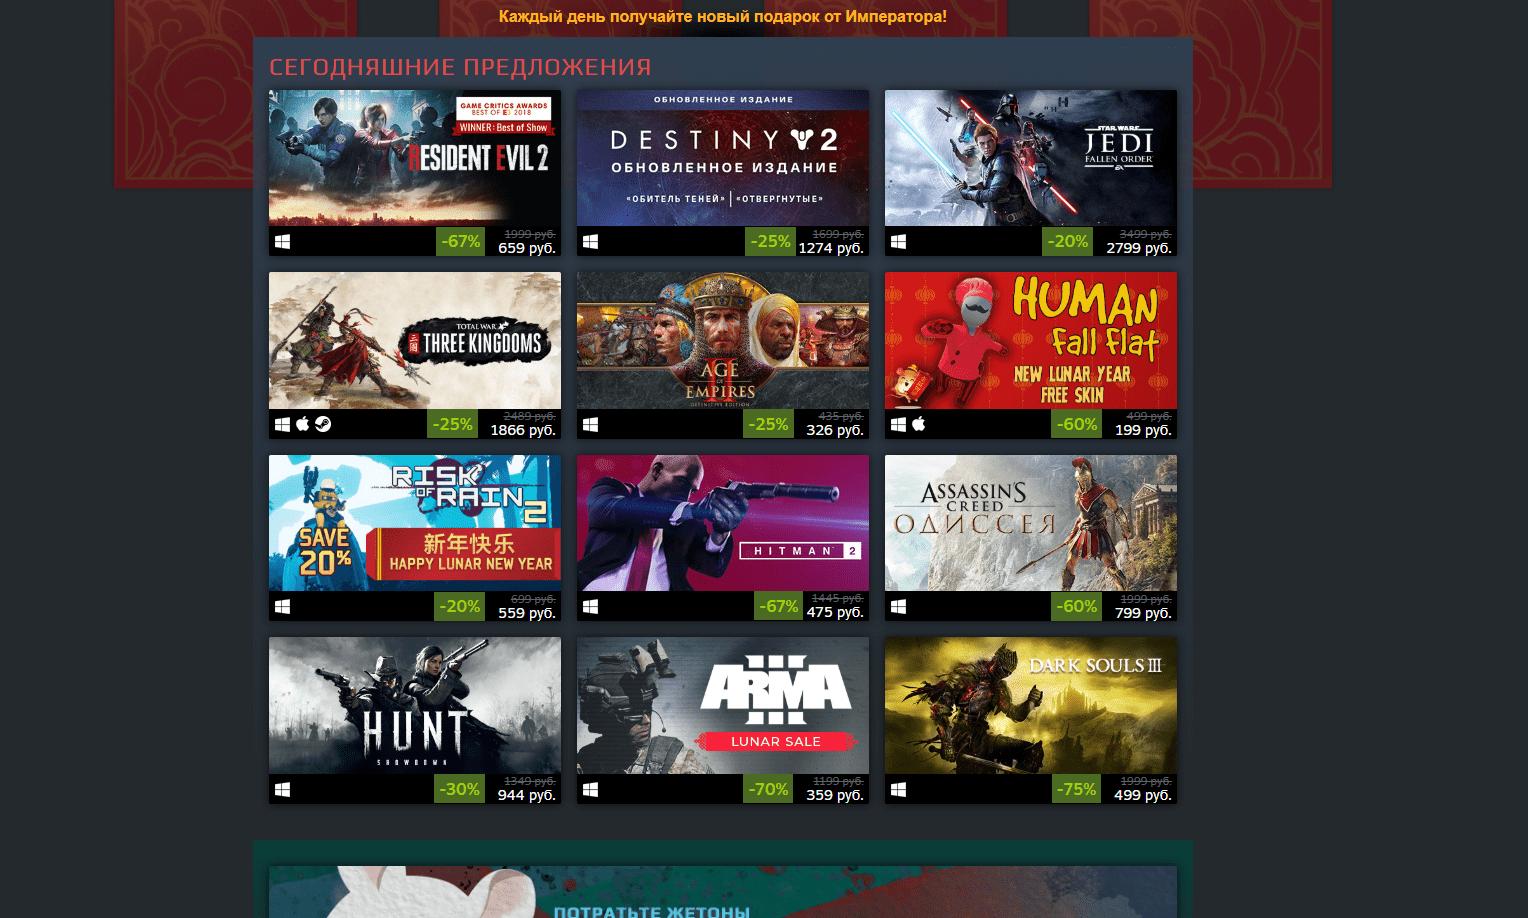 Steam объявила распродажу в честь Китайского Нового года (ddddddddddd 1)